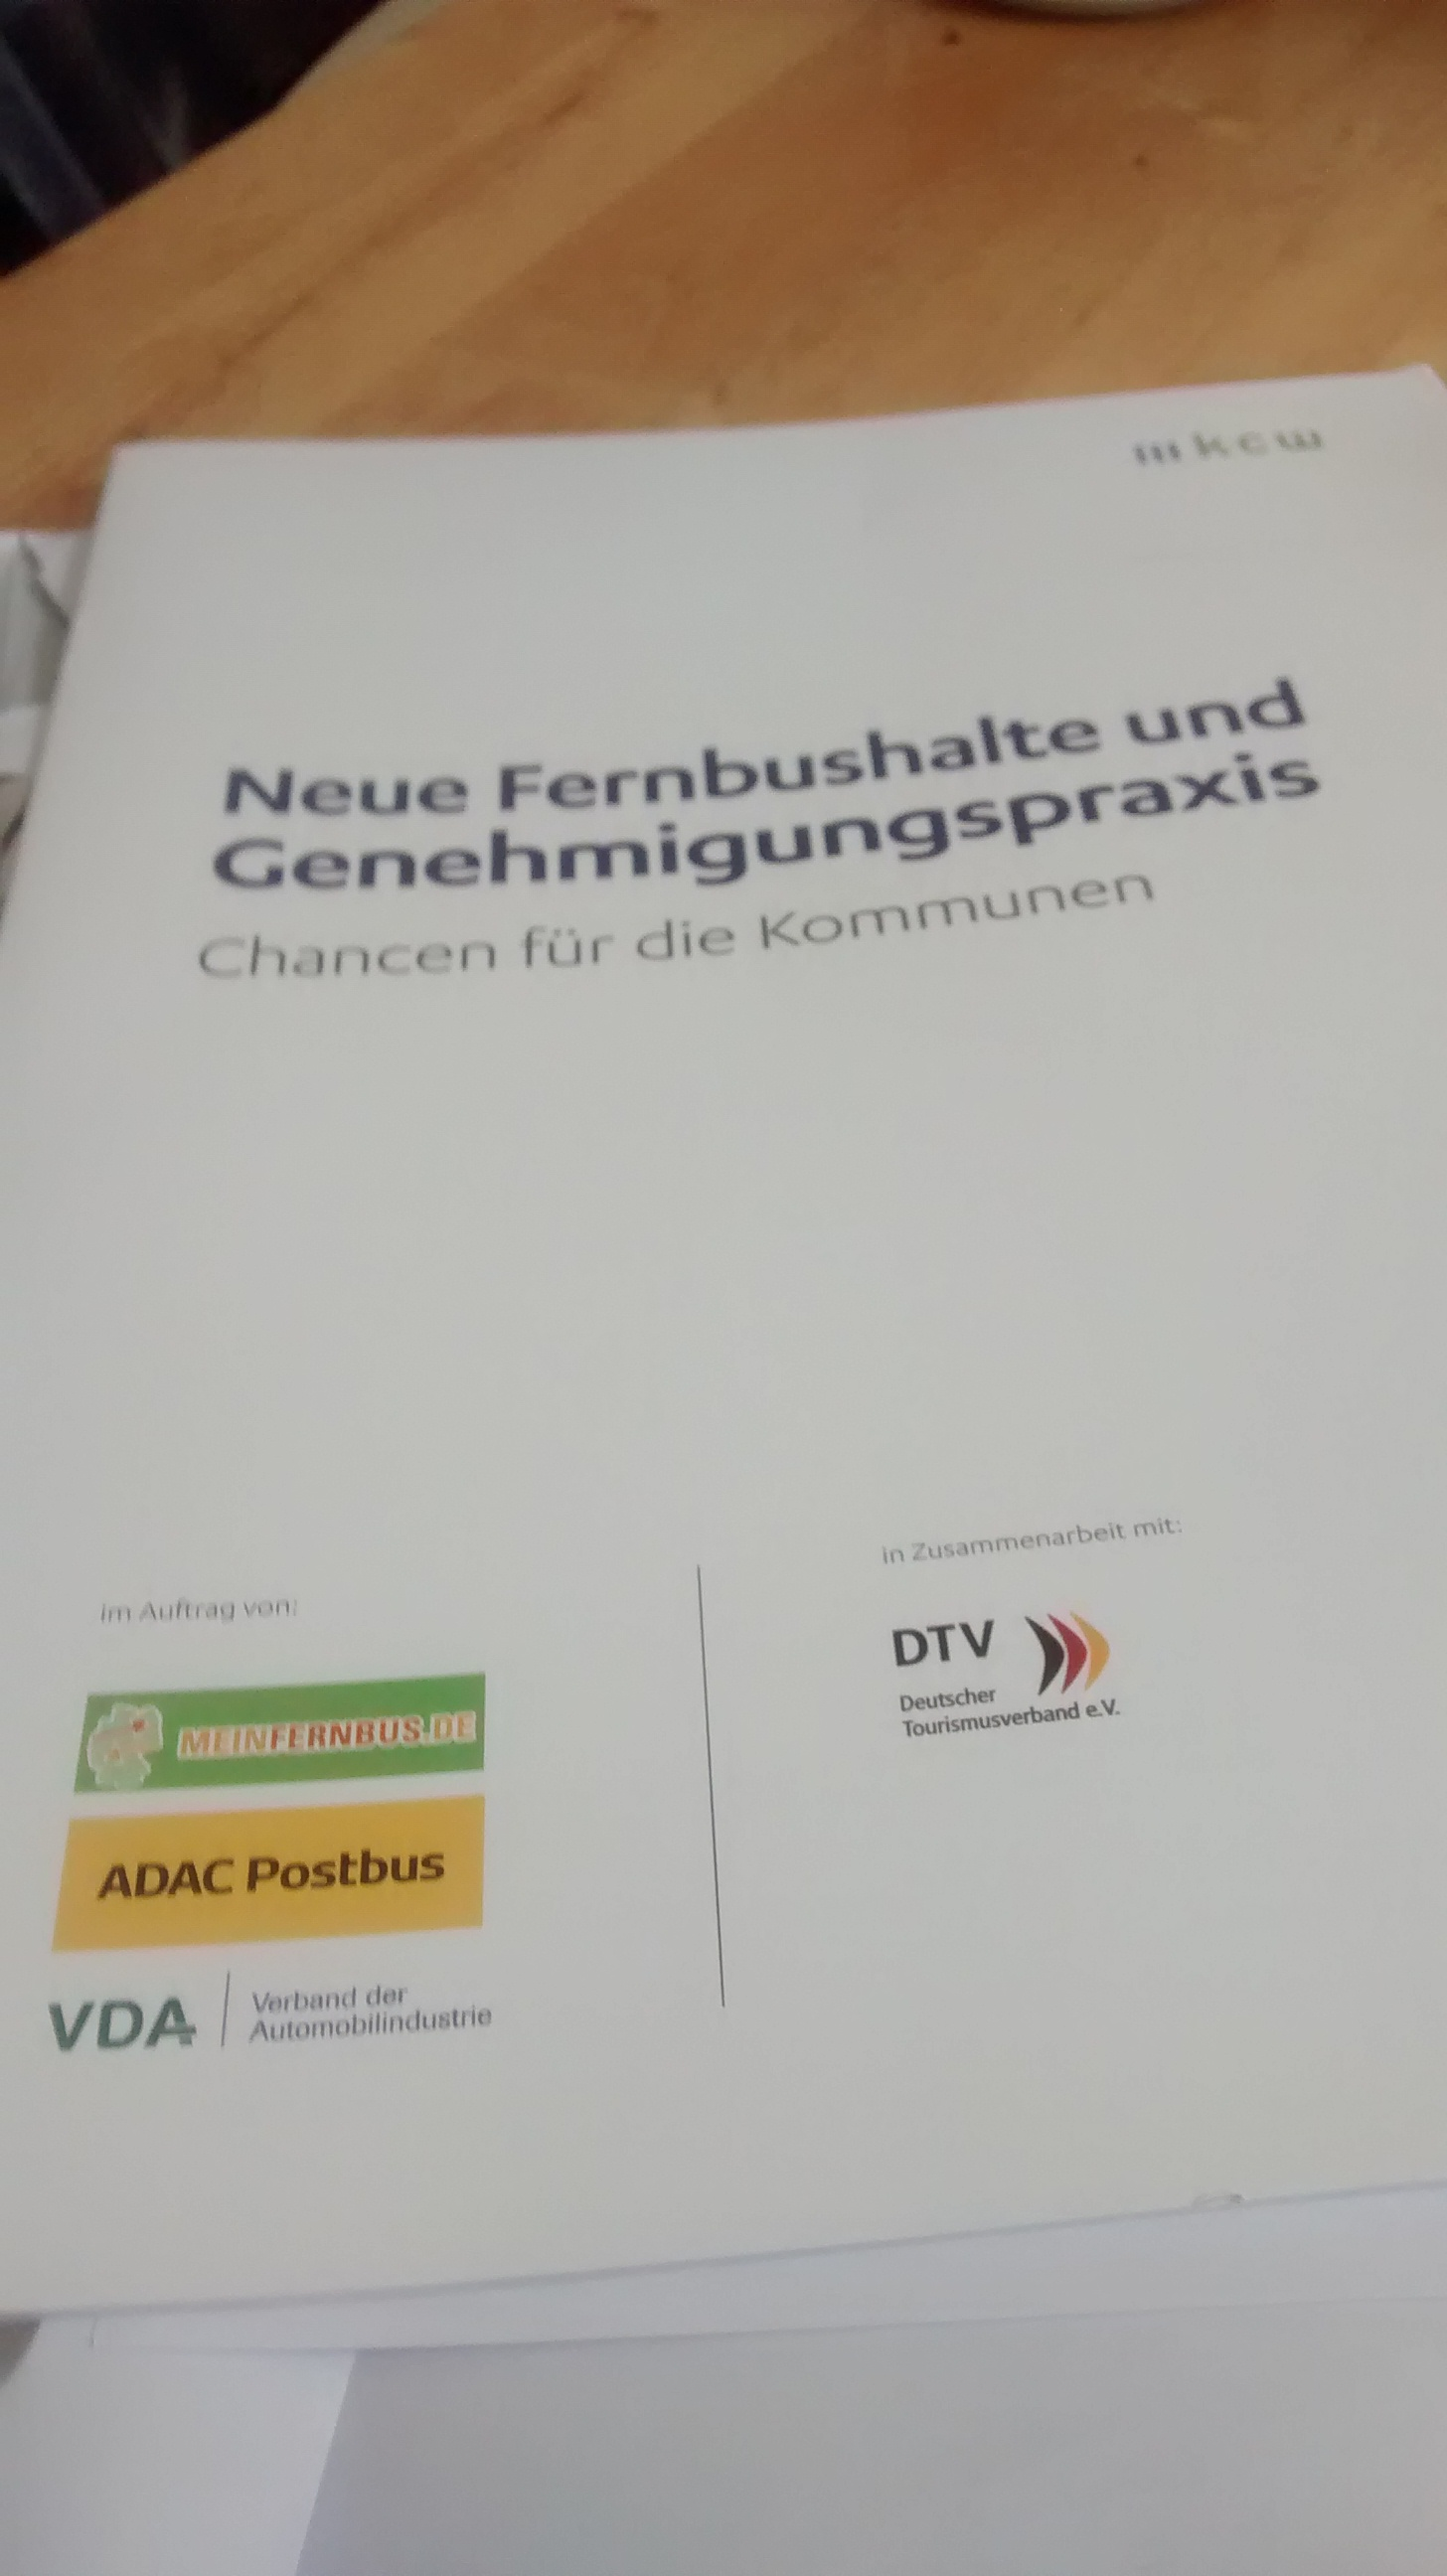 Studie: Neue Fernbushalte und Genehmigungspraxis ...